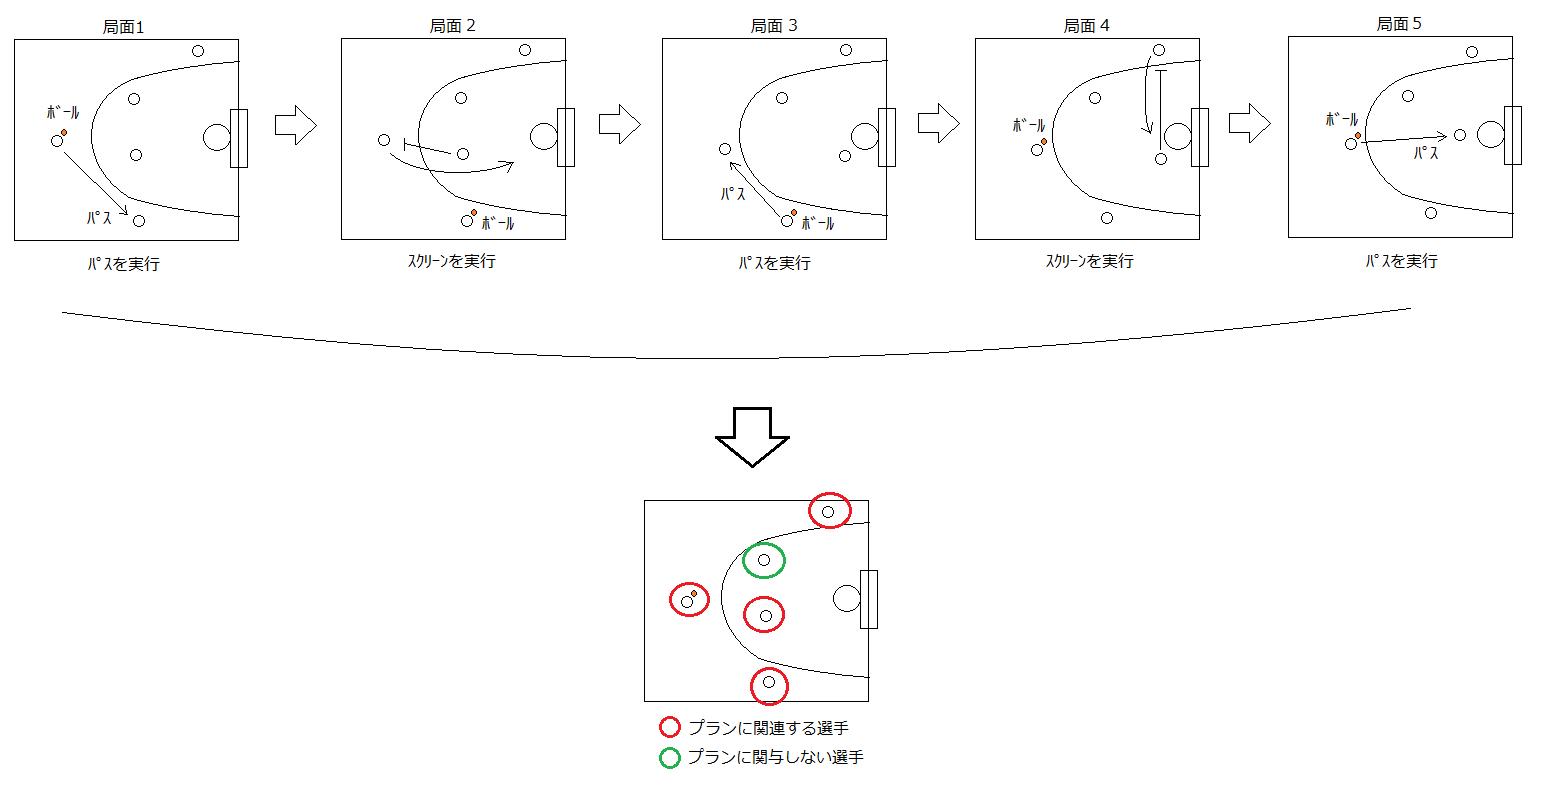 3_3_4_オフボール選手の意思決定01.png